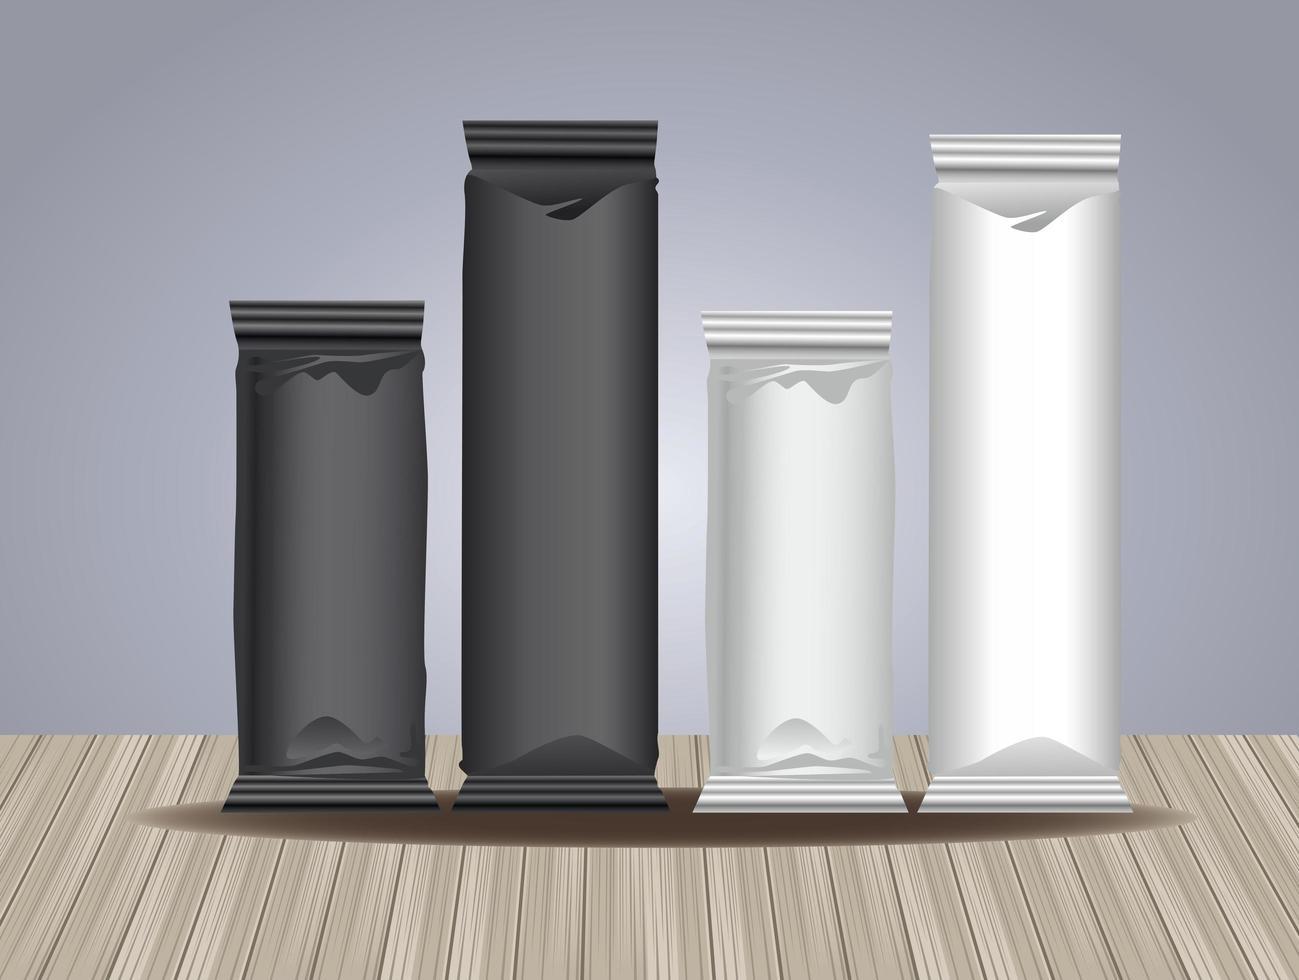 prodotti per imballaggio in bustine in bianco e nero vettore